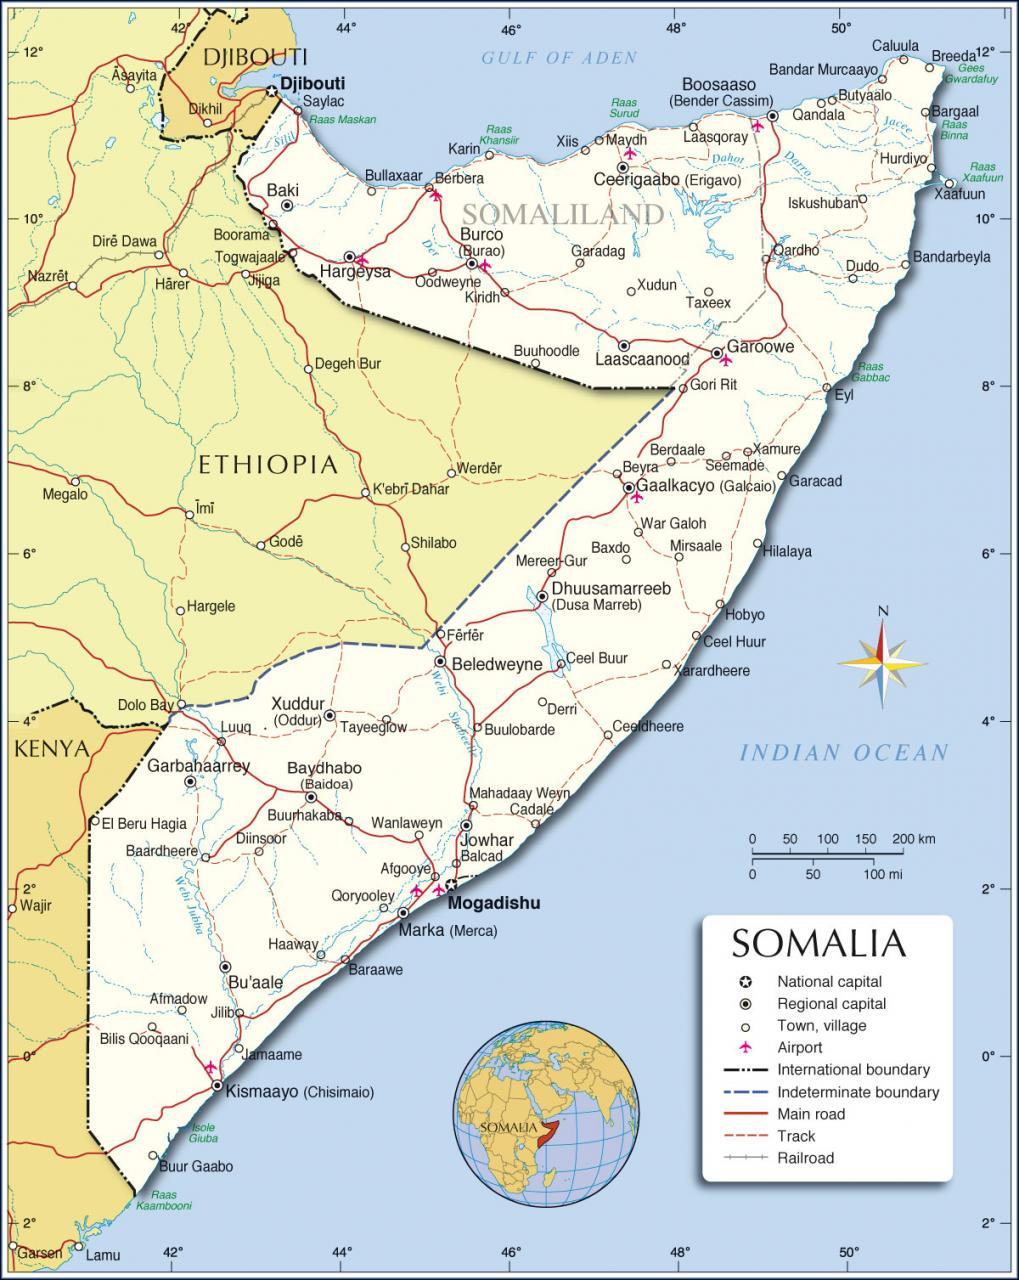 خريطة الصومال التفصيلية